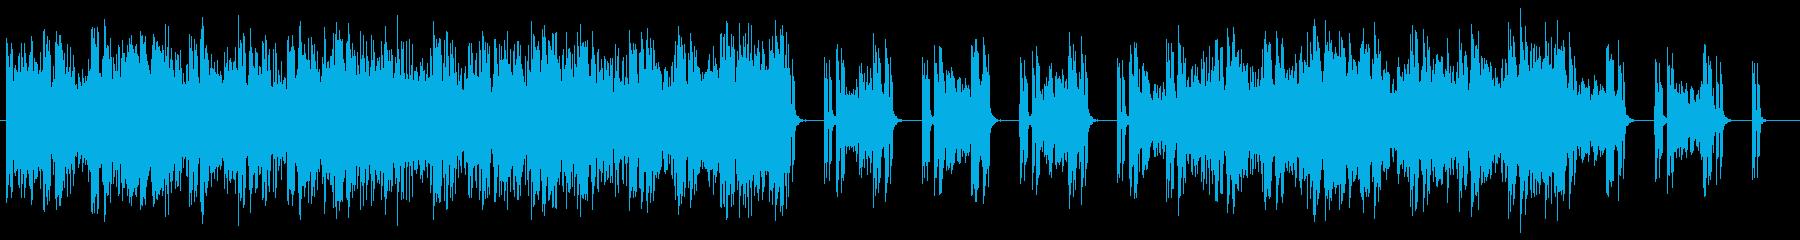 シンセサイザーの緊張感のあるミュージックの再生済みの波形